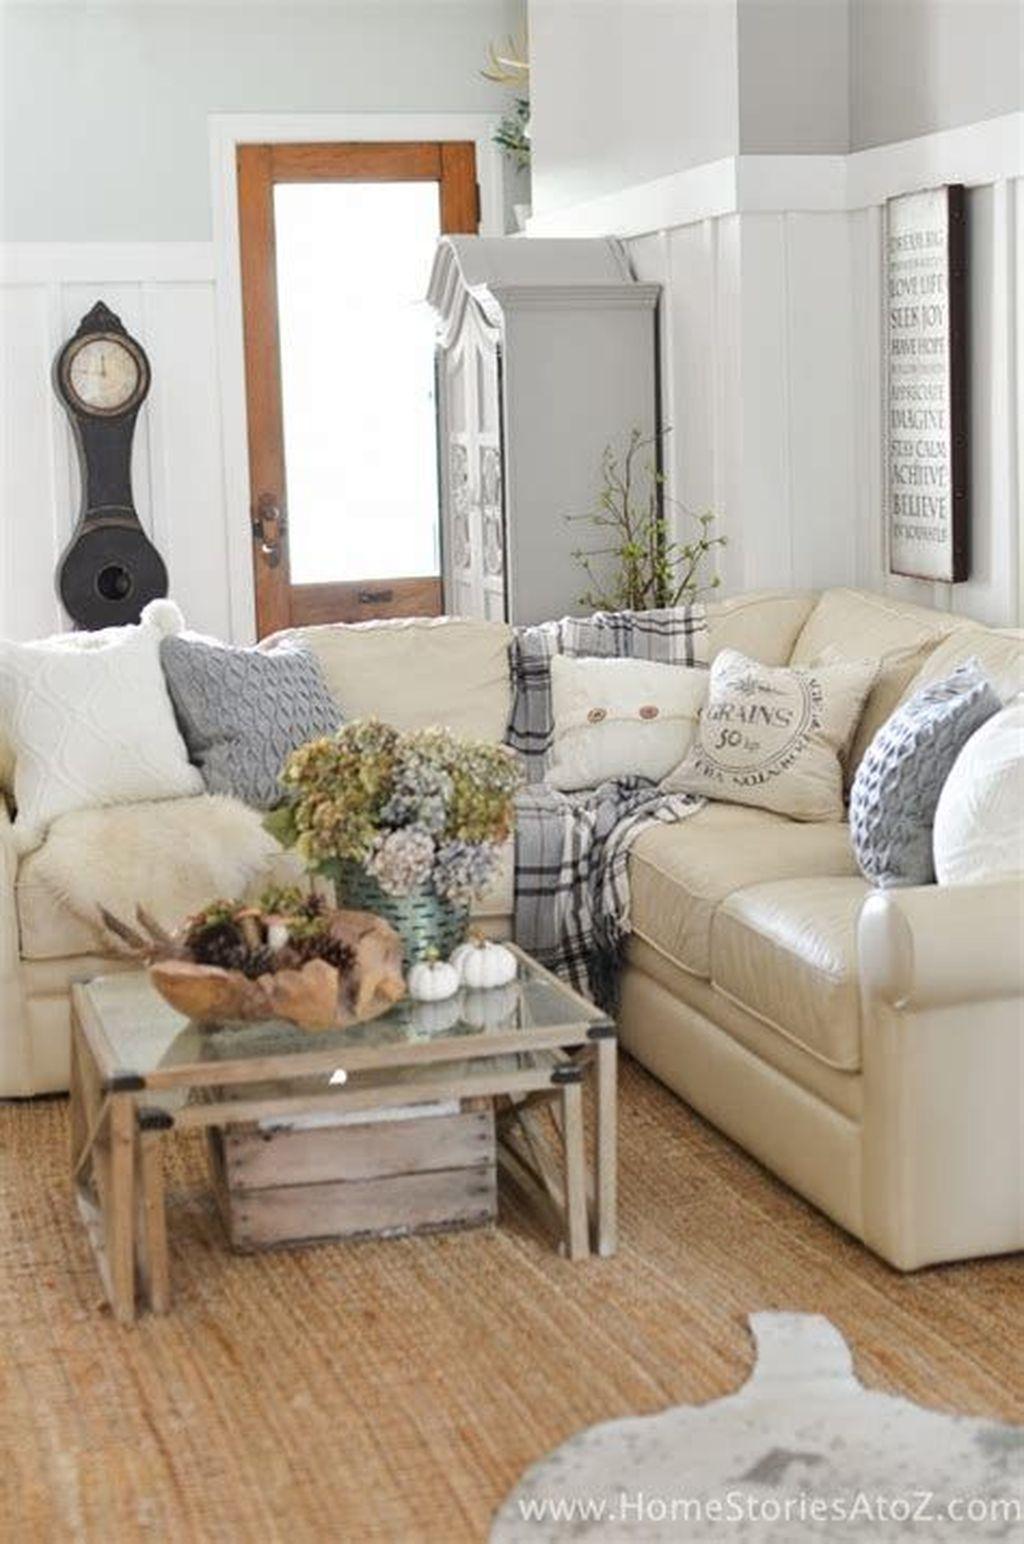 Inspiring Fall Living Room Decor Ideas On A Budget 33